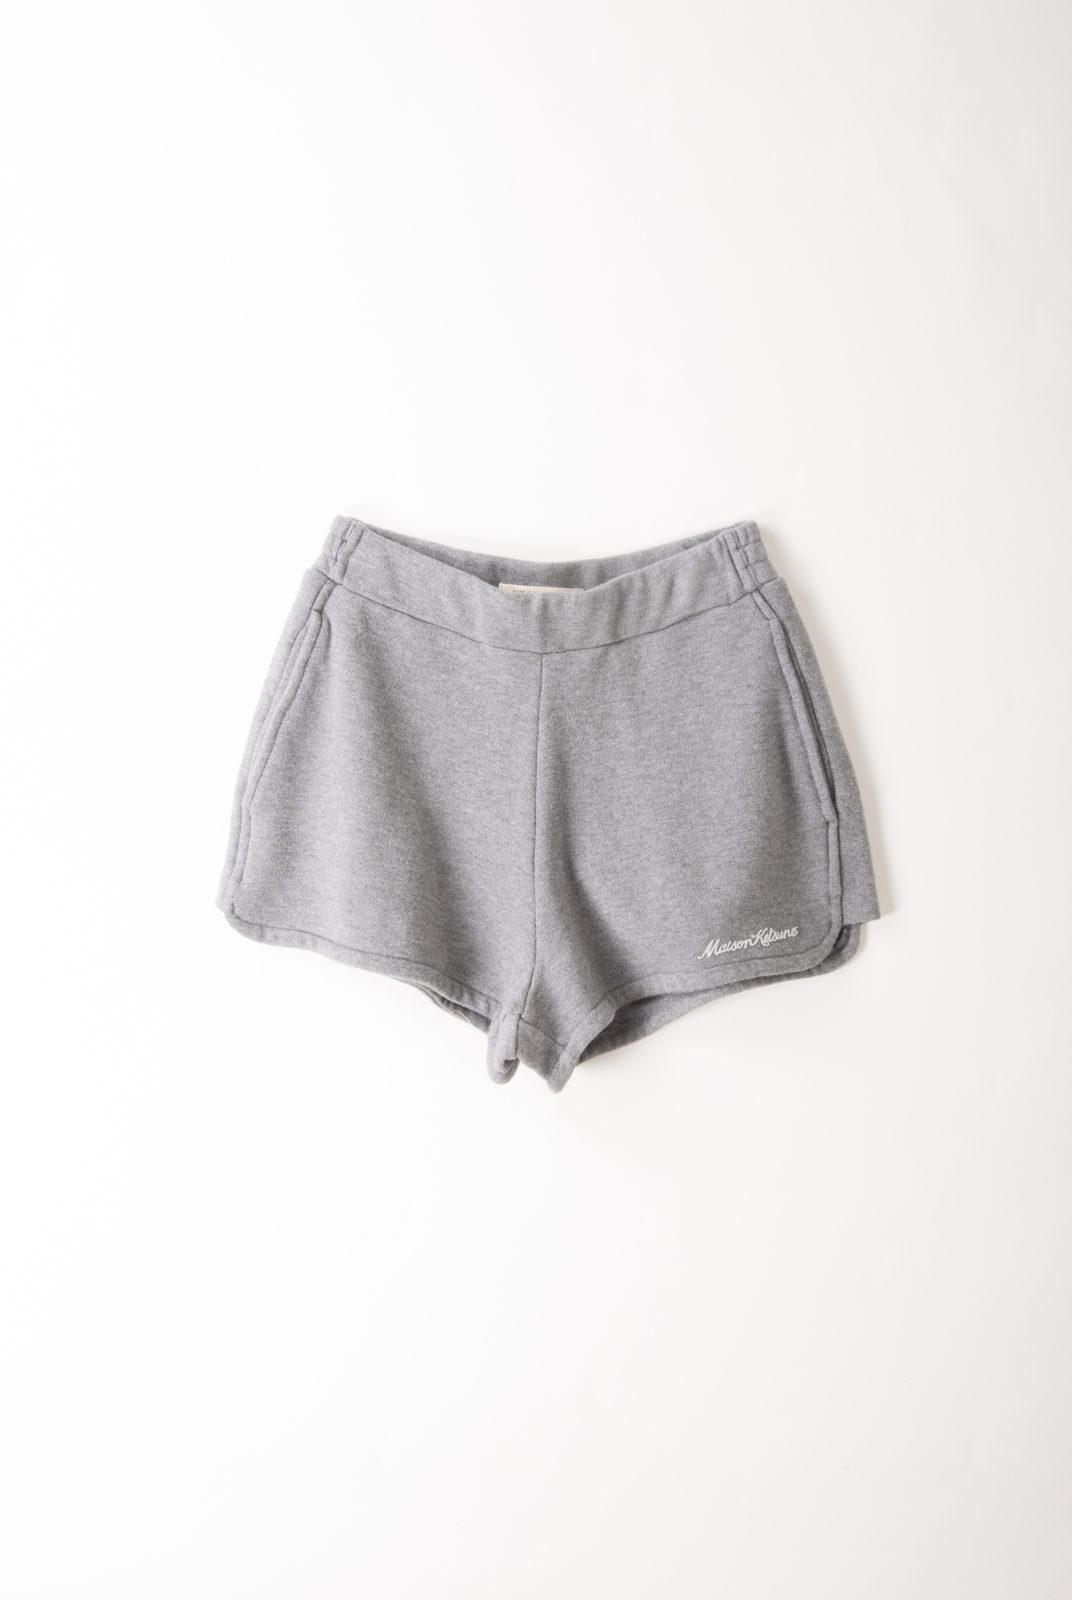 short, inspiration sportswear, gris, coton, maison kitsuné